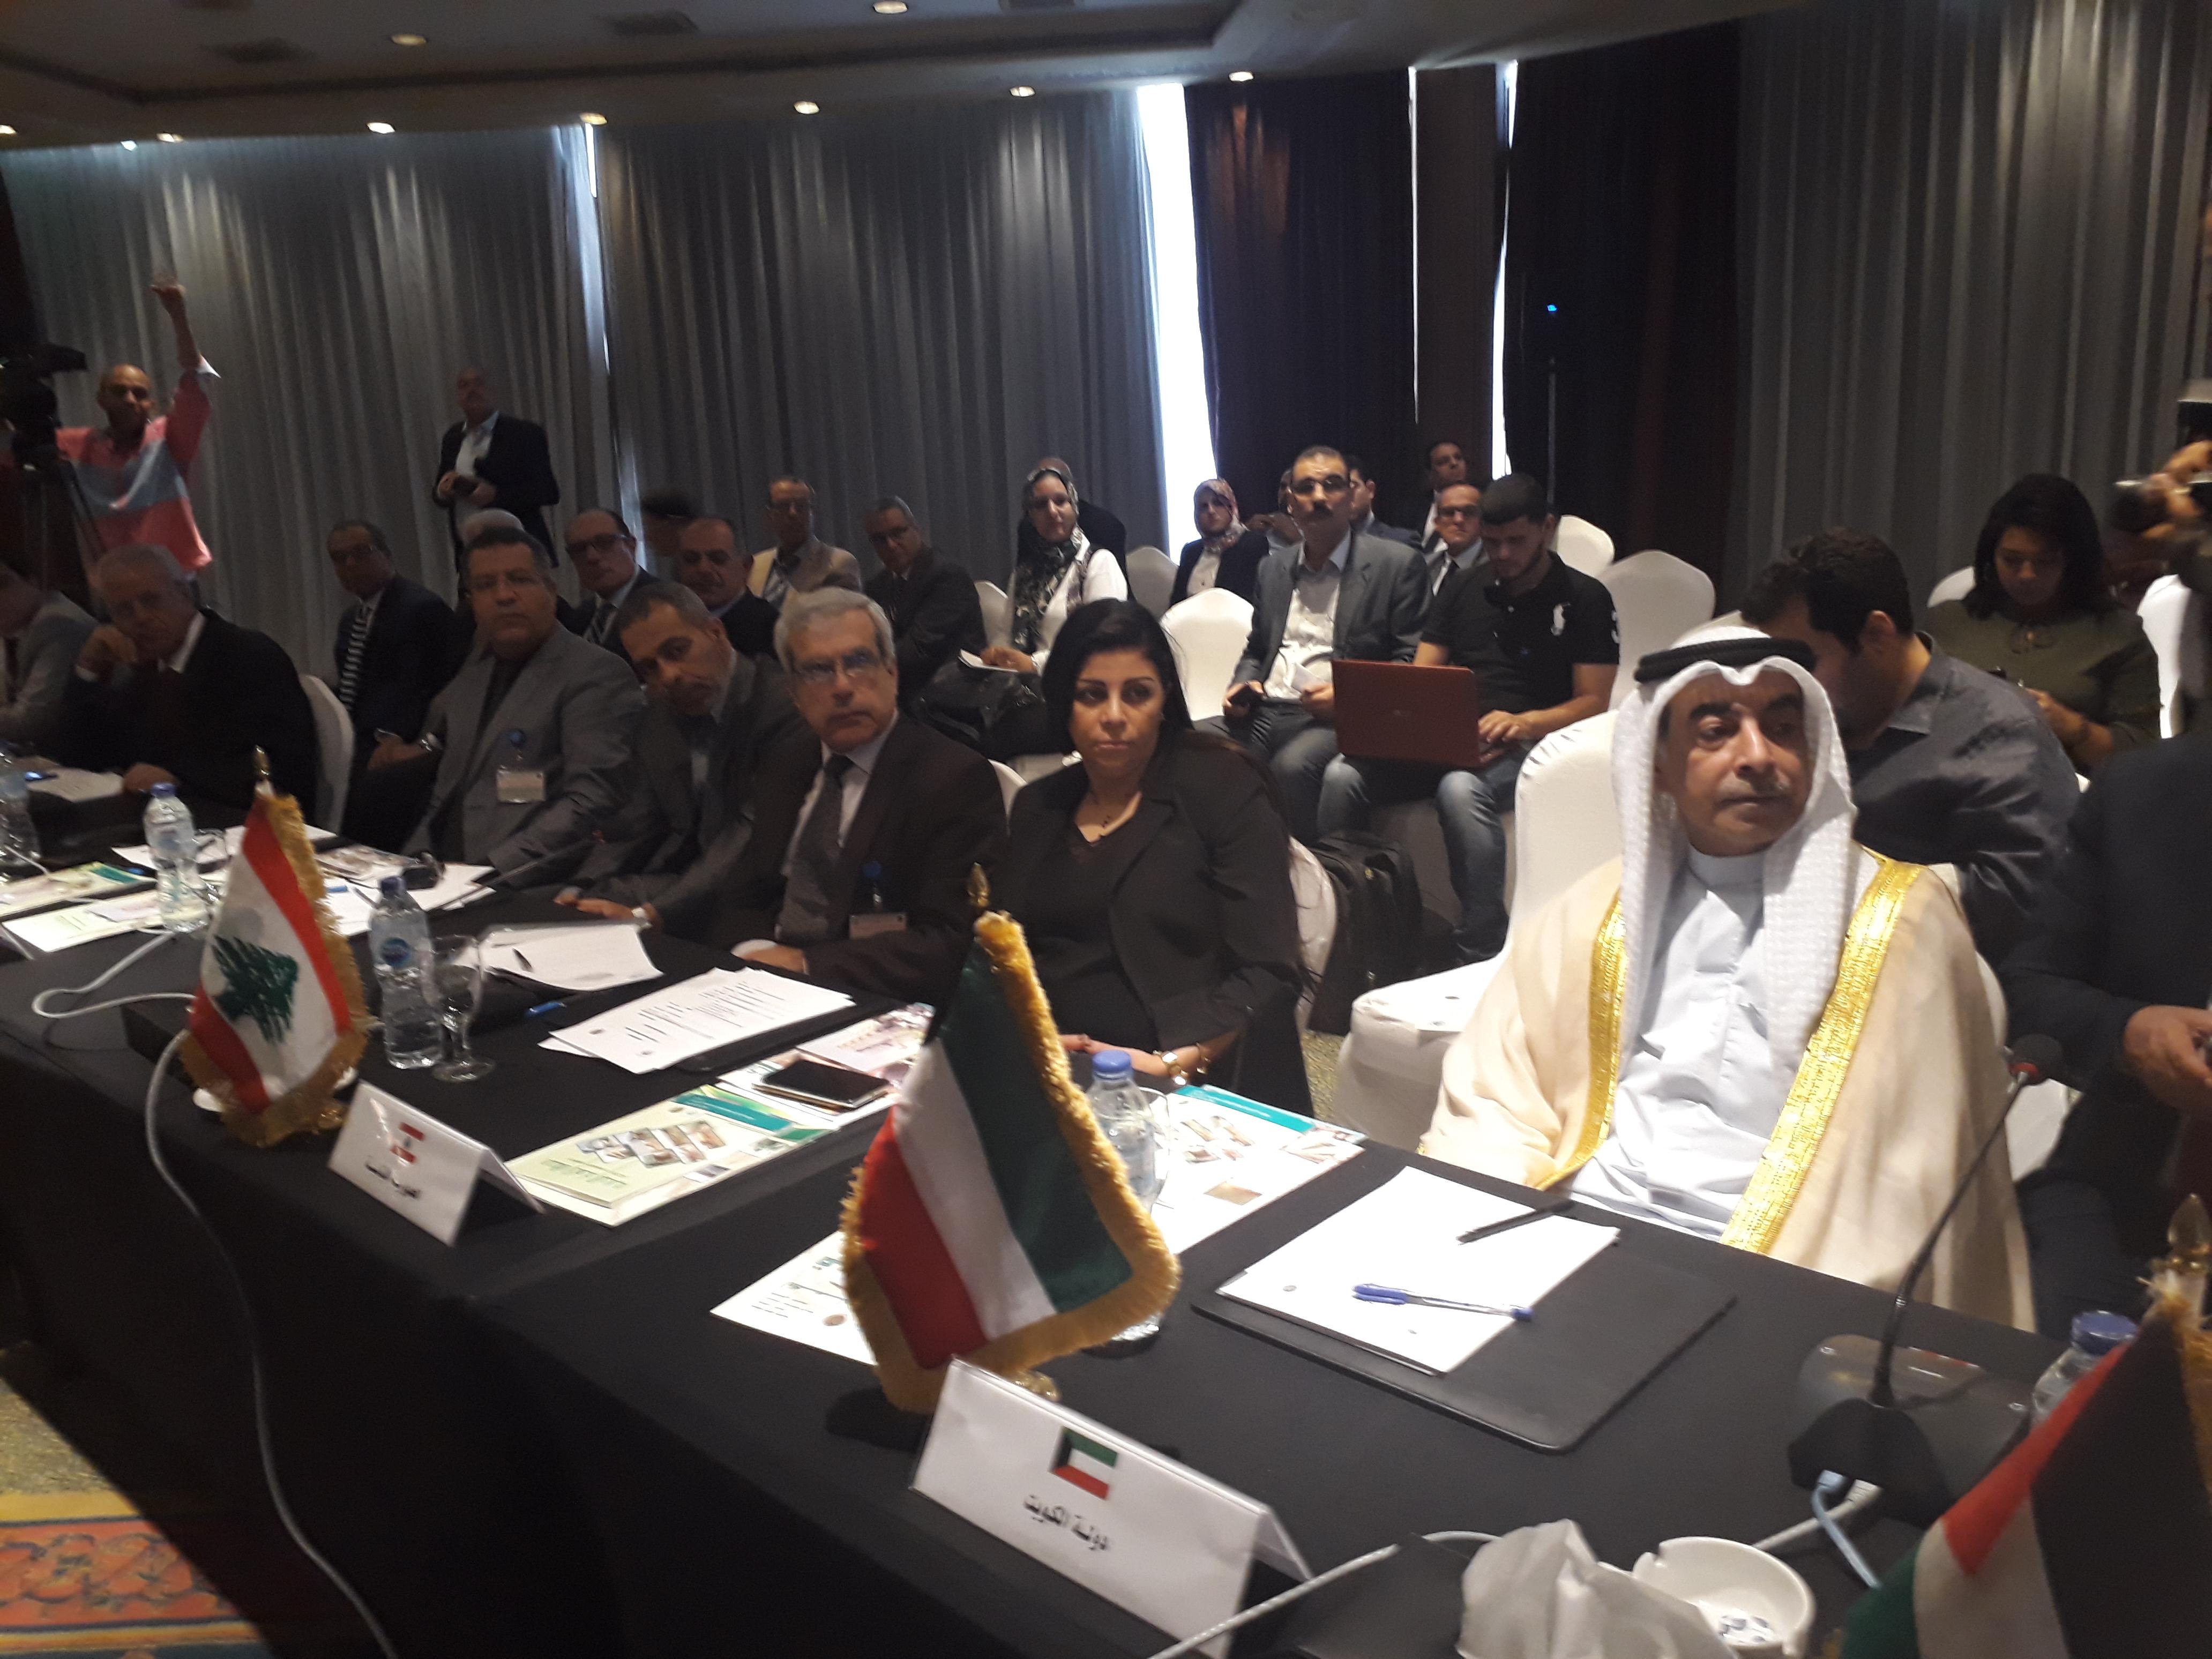 الدورة 34 للجمعية العمومية للمركز العربي لدراسات المناطق الجافة والأراضي القاحلة أكساد (5)